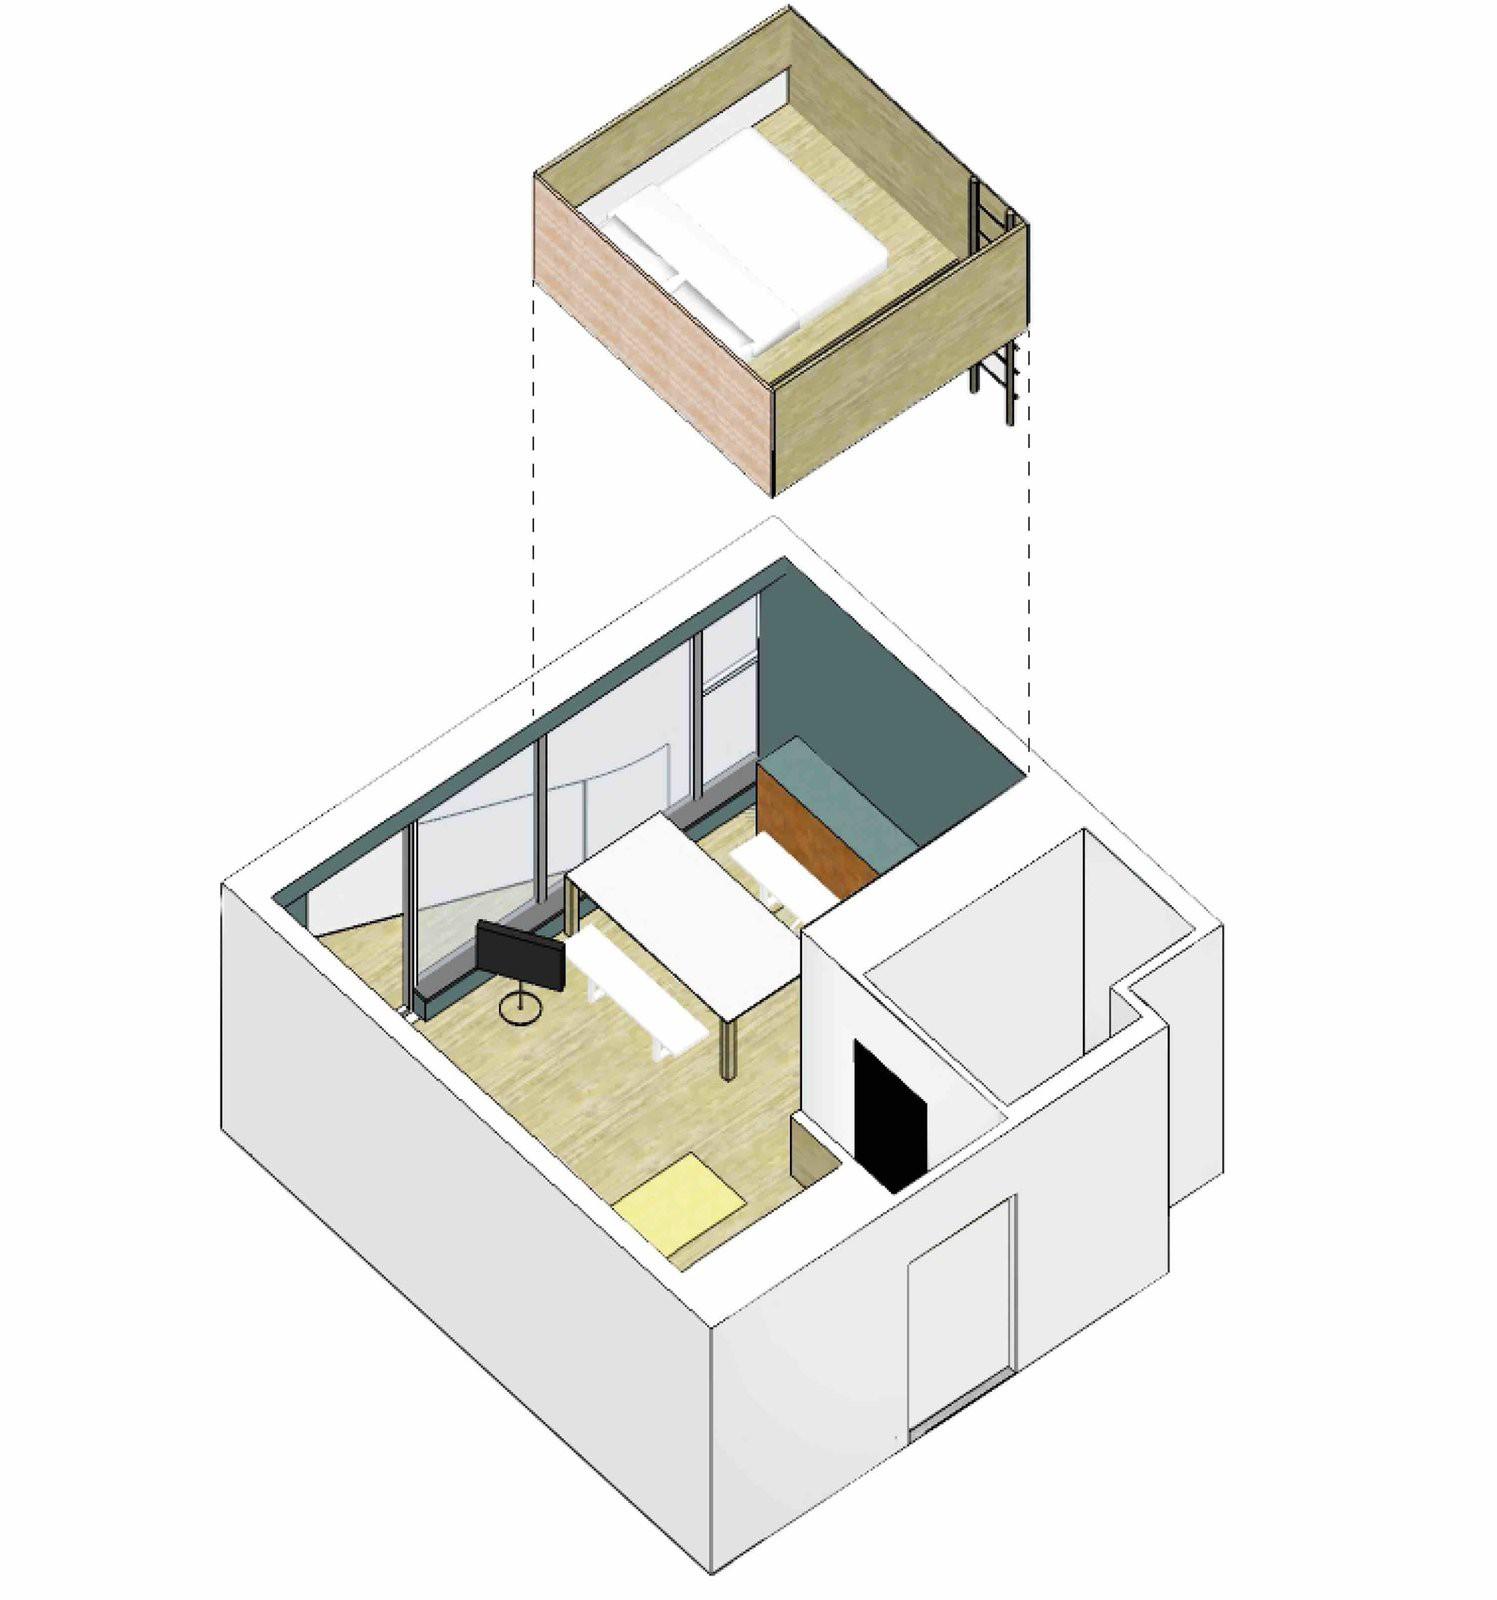 Chiêm ngưỡng căn hộ nhỏ này, bạn sẽ thấy nhà nhỏ nhưng có trần cao thì mọi việc đều được giải quyết đơn giản - Ảnh 8.